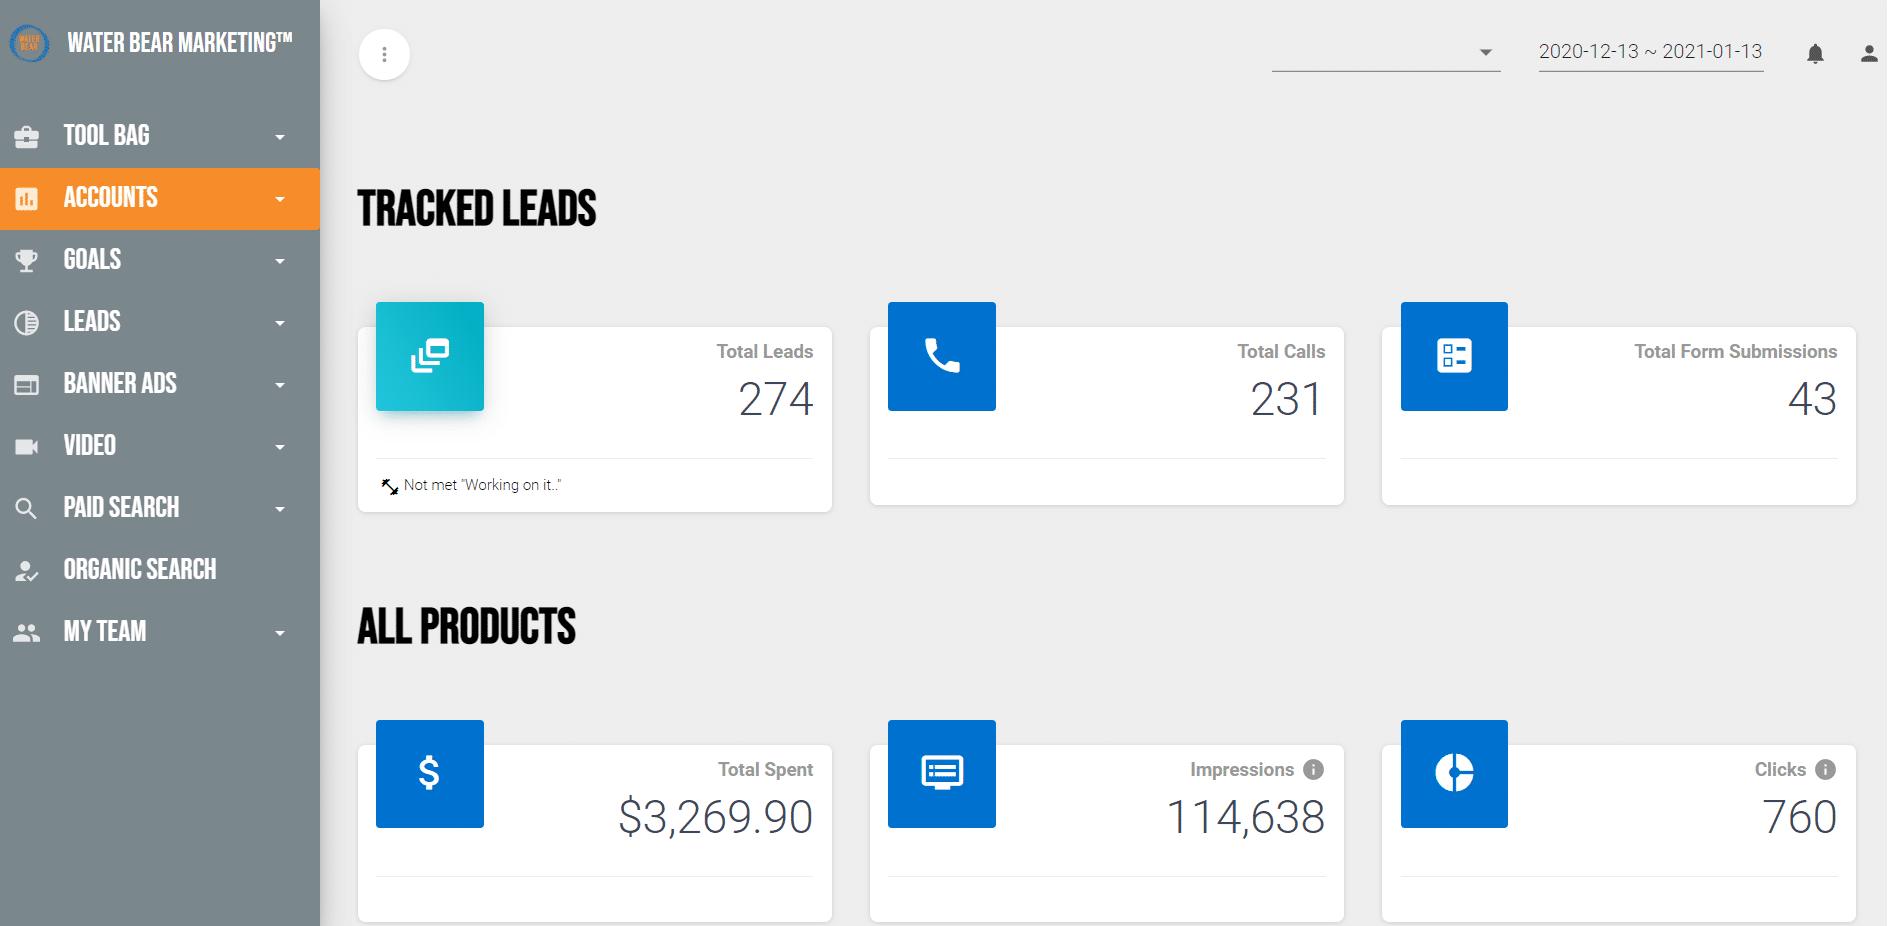 Water Bear Marketing™ Dashboard 2021